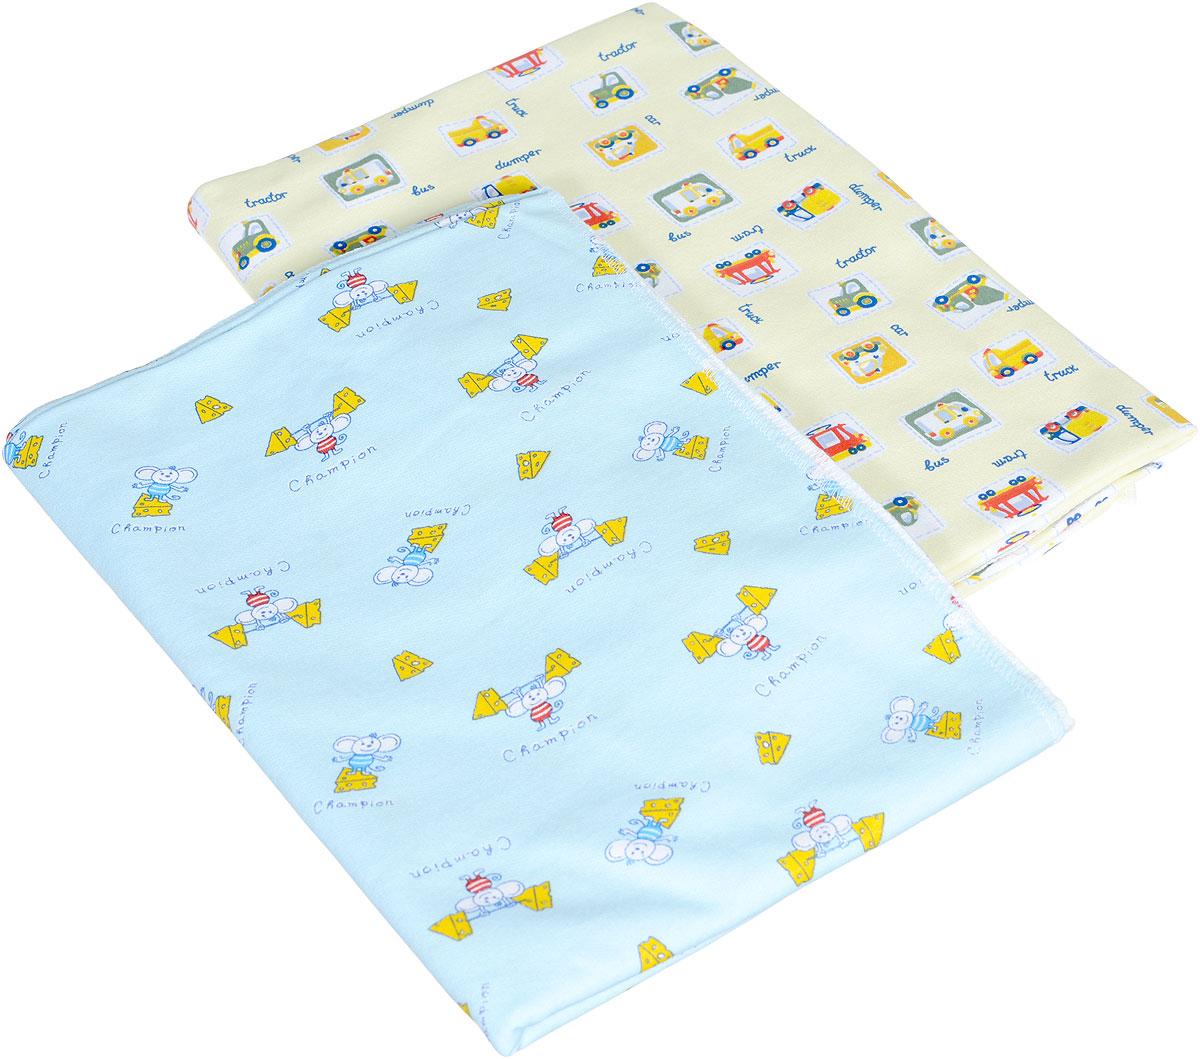 Фреш Стайл Комплект пеленок цвет голубой желтый 90 х 130 см 2 шт21-90_голубой, жёлтыйХлопковые пеленки Фреш Стайл подходят для пеленания ребенка с самого рождения. Мягкая ткань укутывает малыша с необычайной нежностью. Такая ткань прекрасно дышит, она гипоаллергенна, обладает повышенными теплоизоляционными свойствами и не теряет формы после стирки. Пеленку также можно использовать как легкое одеяло, простынку, полотенце после купания, накидку для кормления грудью. В комплект входят две пеленки. Предварительная стирка обязательна. Стрика при 40 °C, гладить при температуре не выше 150 °C, можно отжимать и сушить в стиральной машине, не отбеливать, не подвергать химчистке.